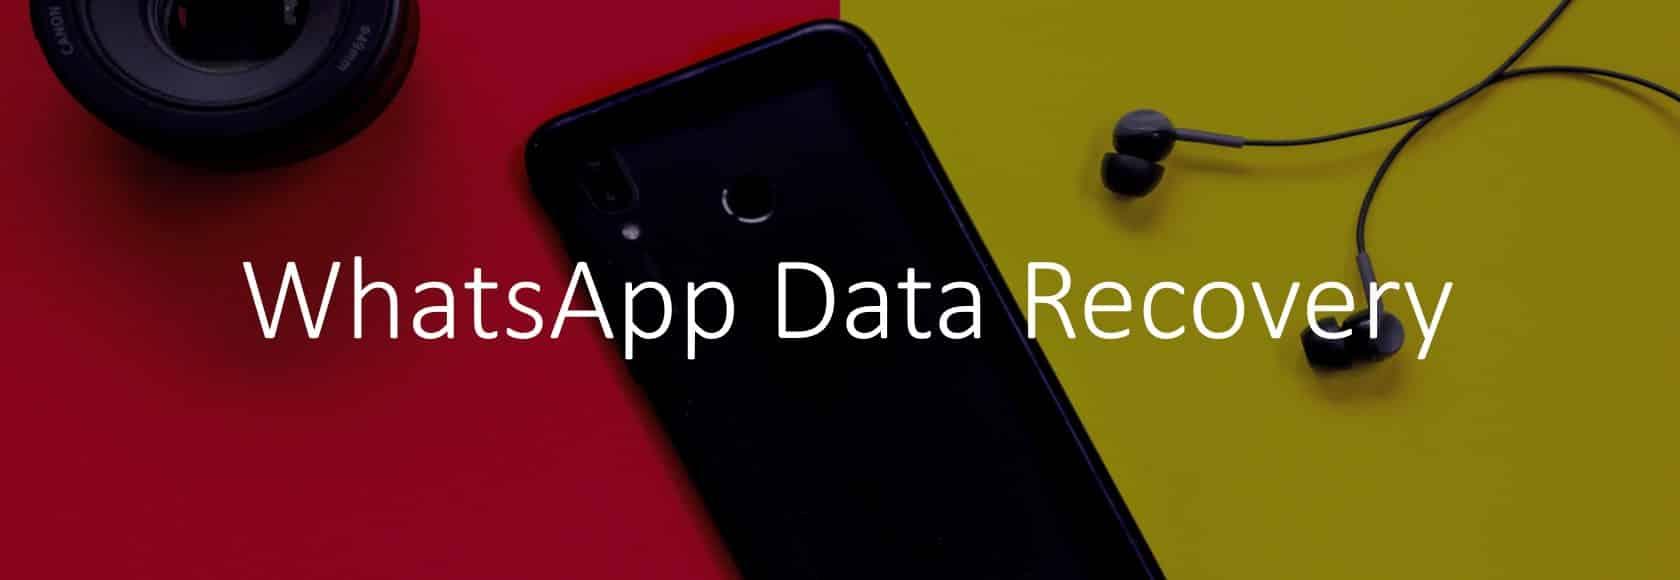 whatsapp Data recovery